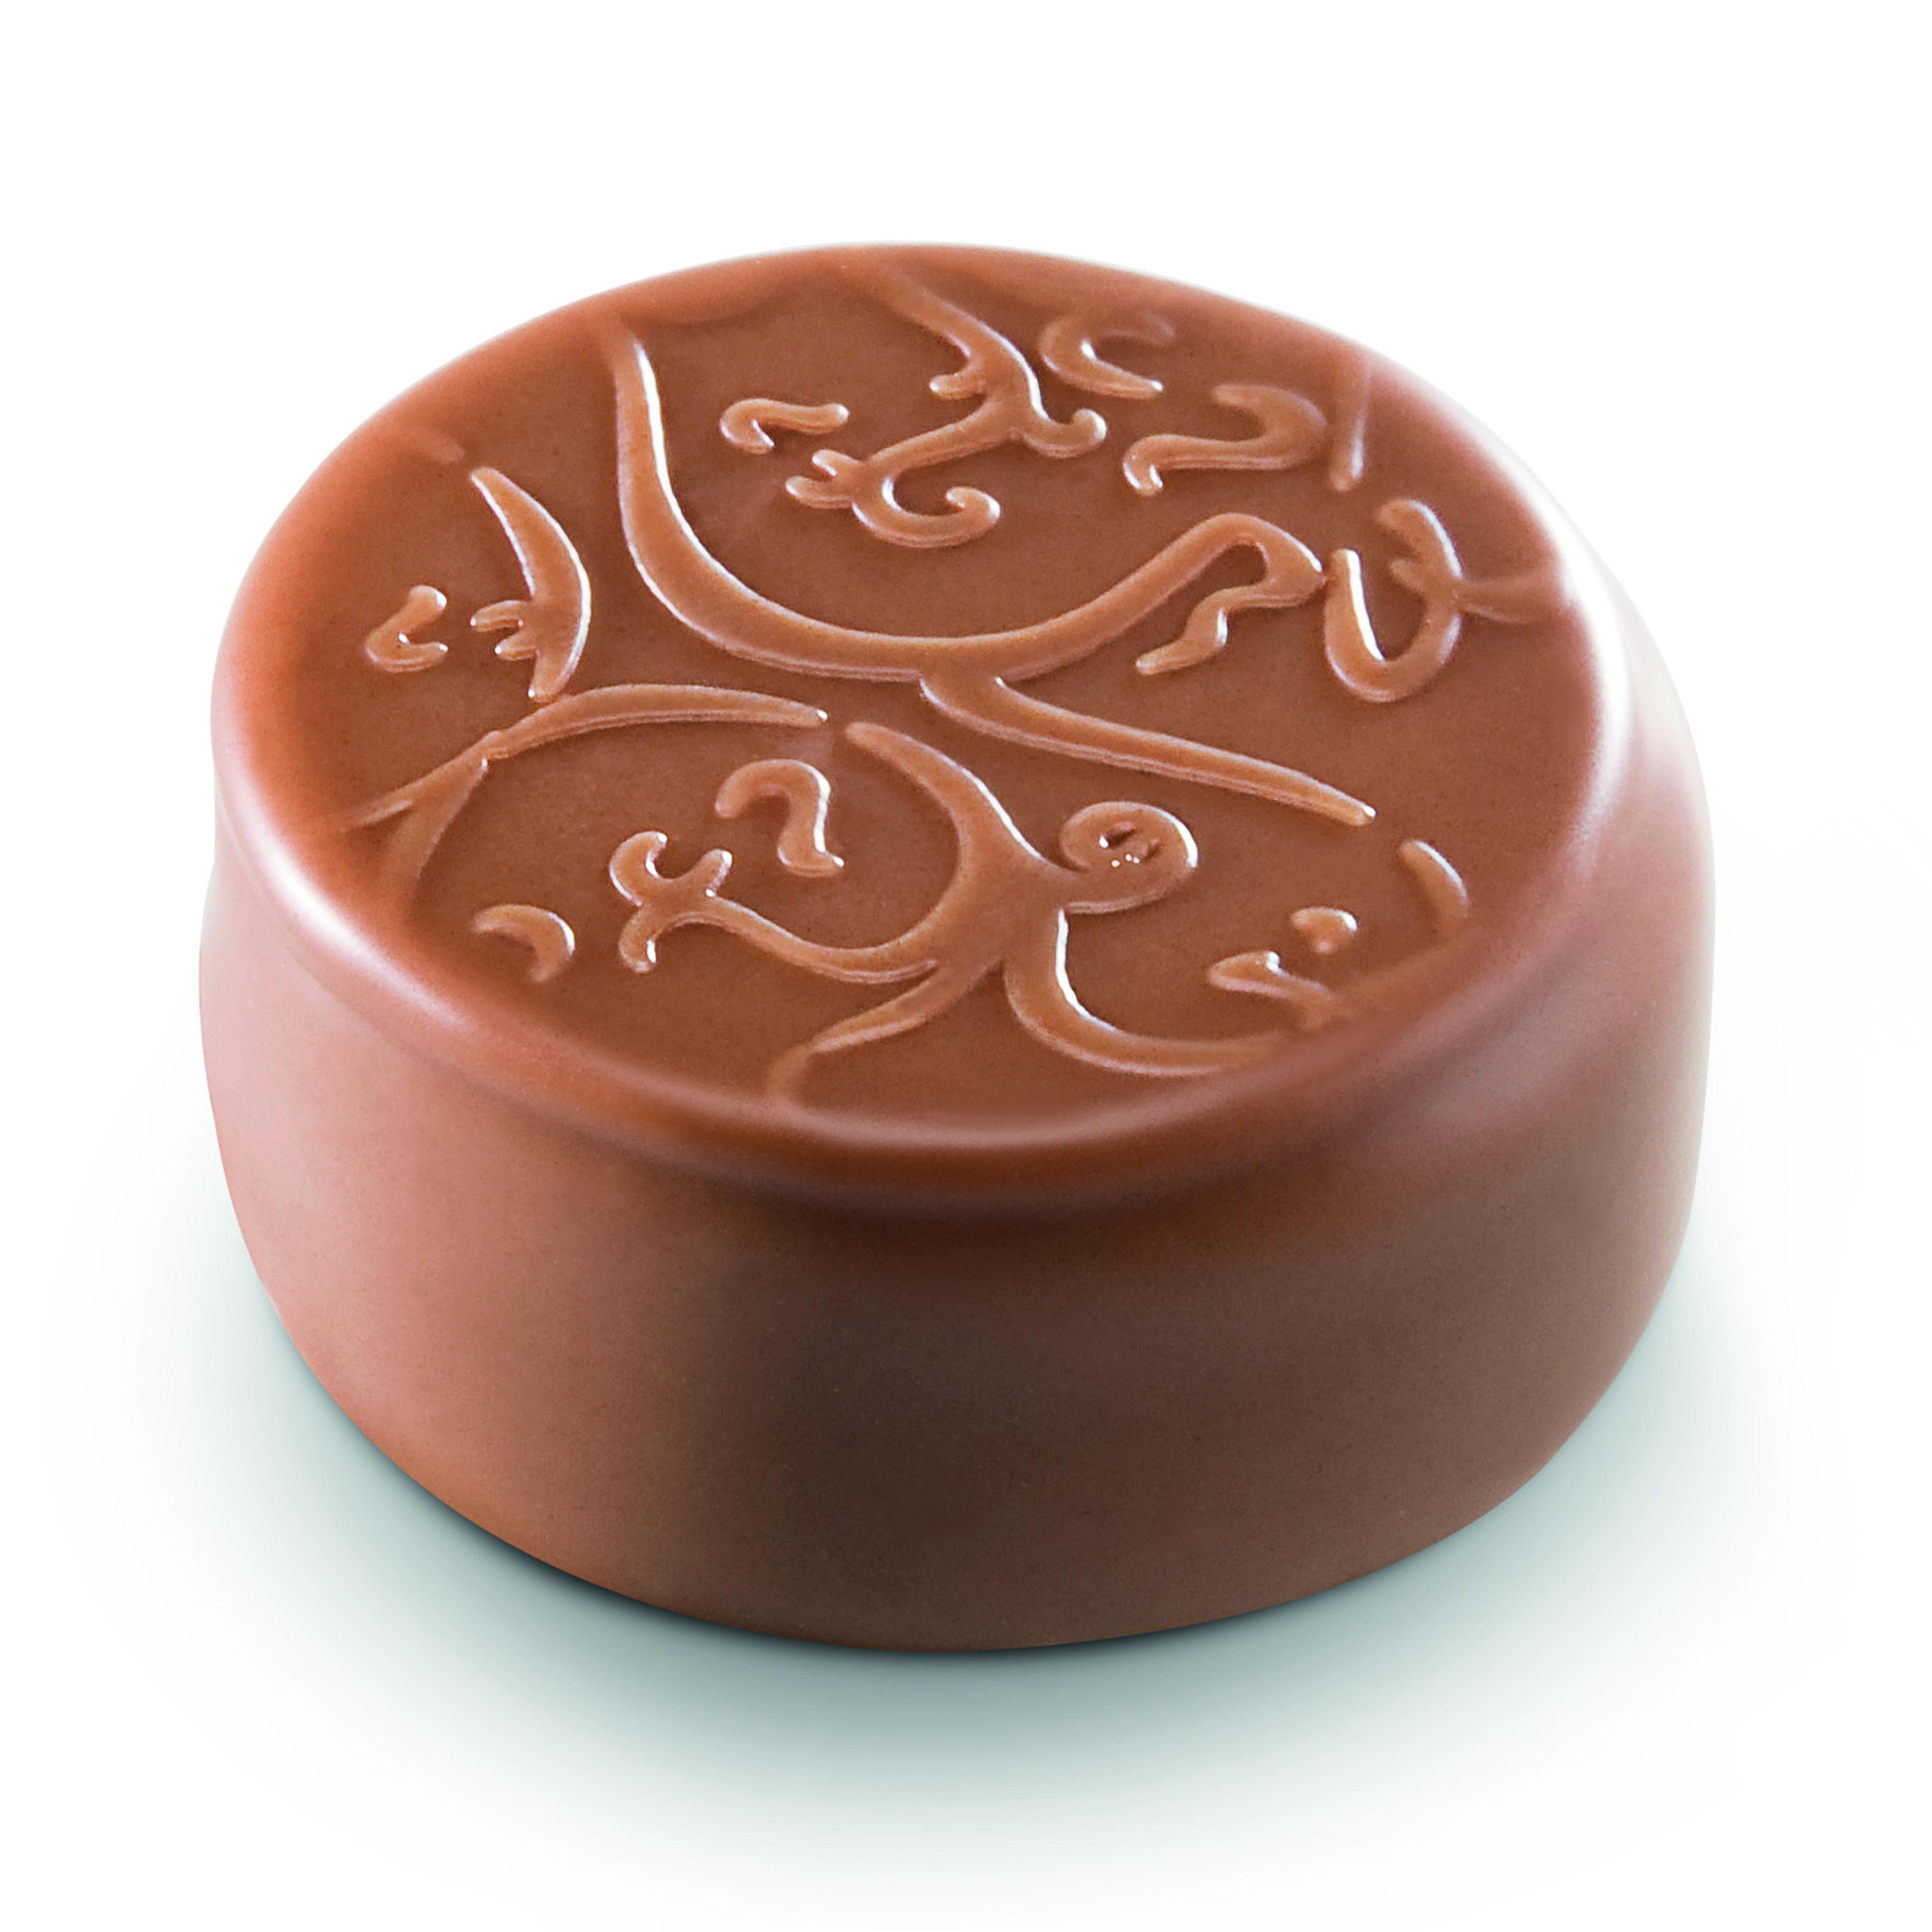 SENSATION CARAFRUTTI COCO - Ganache élaborée à la pulpe de noix de coco caramélisée, enrobée de chocolat au lait. Notes fruitées et caramel. Texture crémeuse.